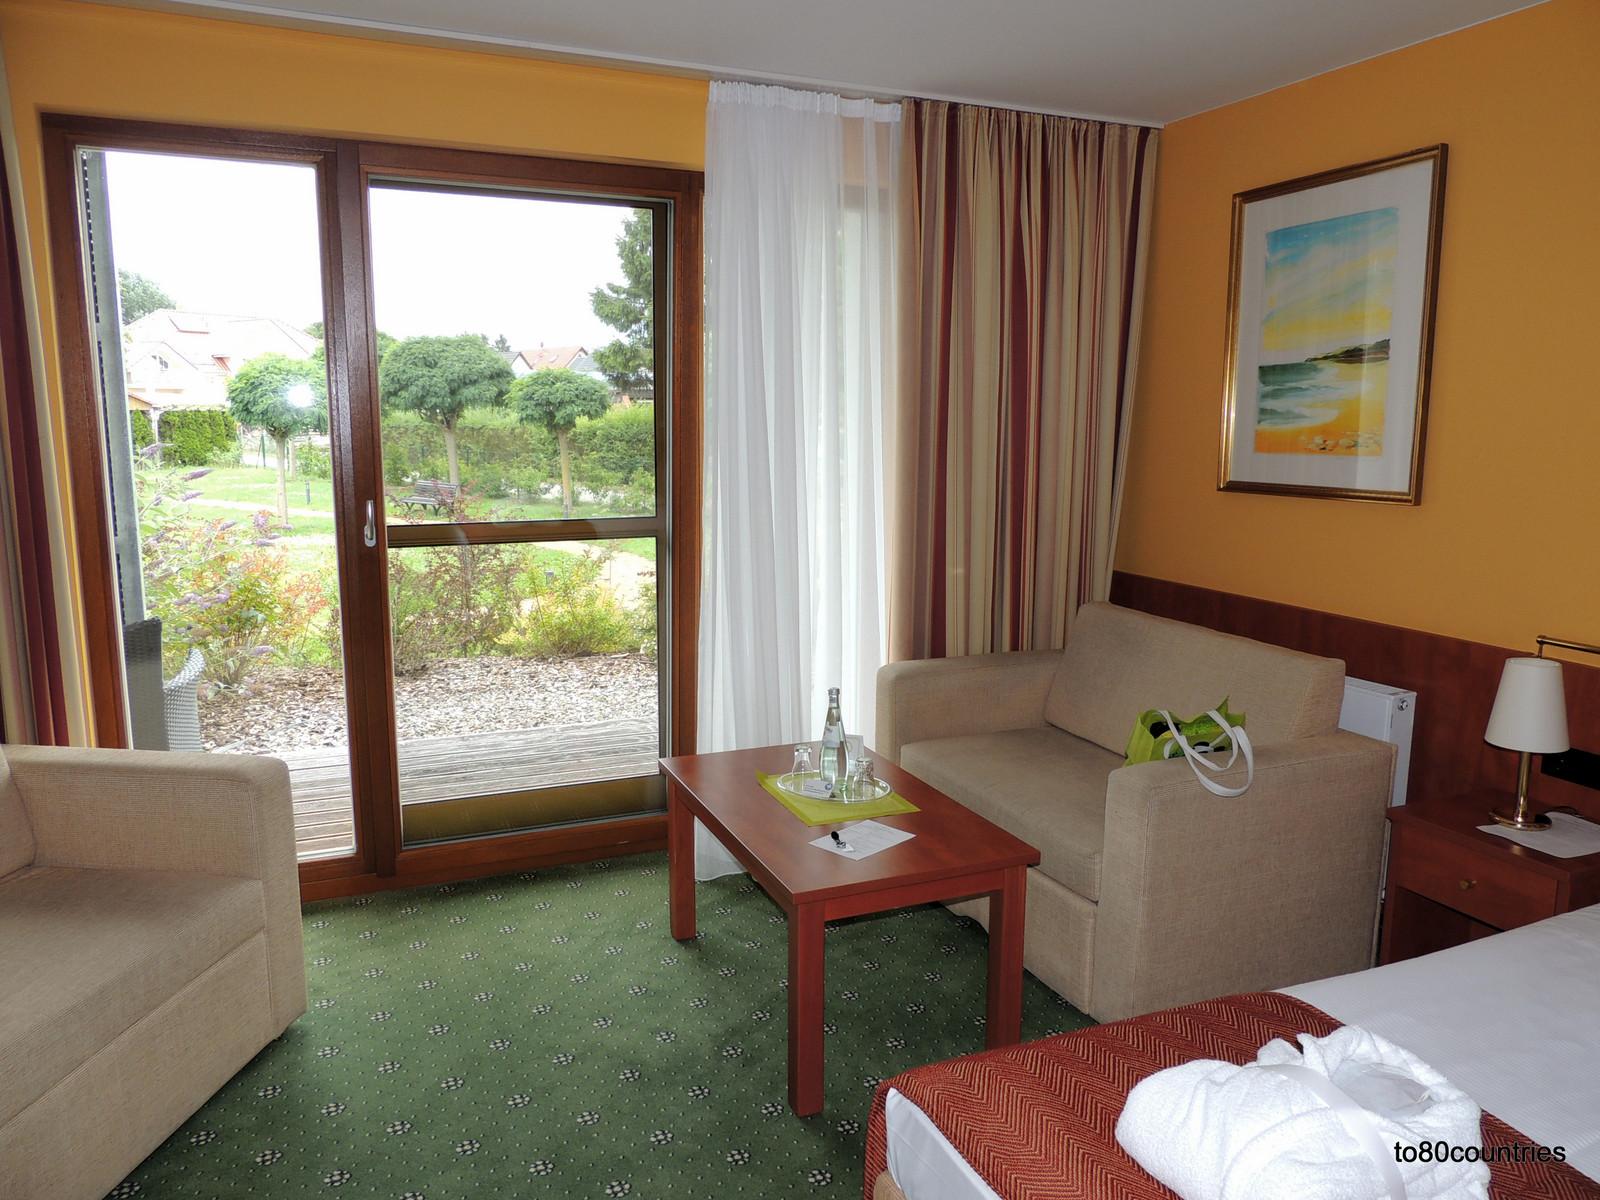 Hotel Nautic - Koserow - Usedom - Juniorsuite